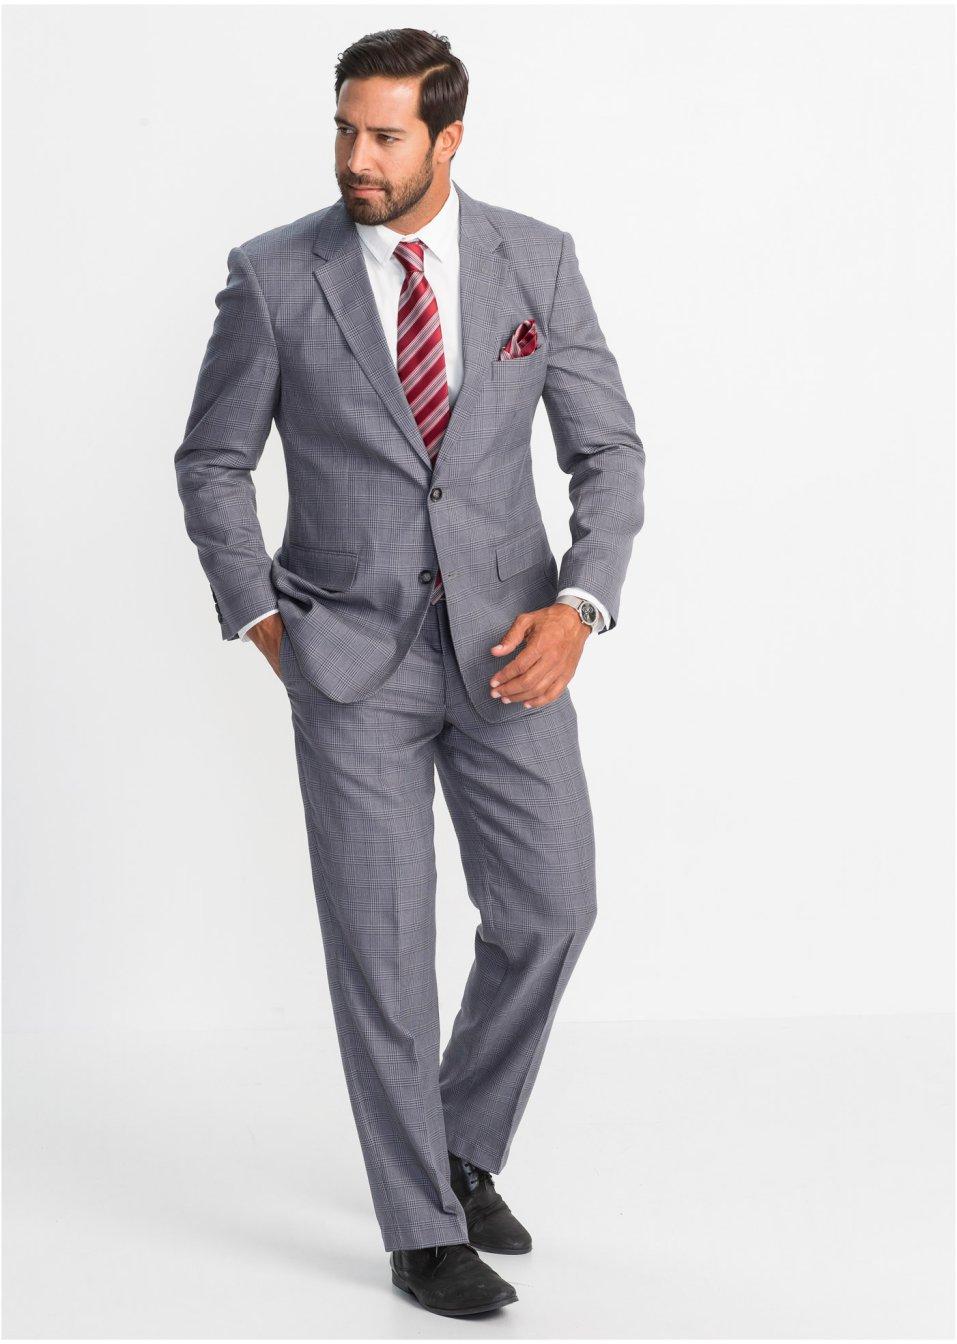 Oblek (2dílná souprava) Regular Fit šedo-černá se vzorem - Muž - bonprix.cz 1782979bd2